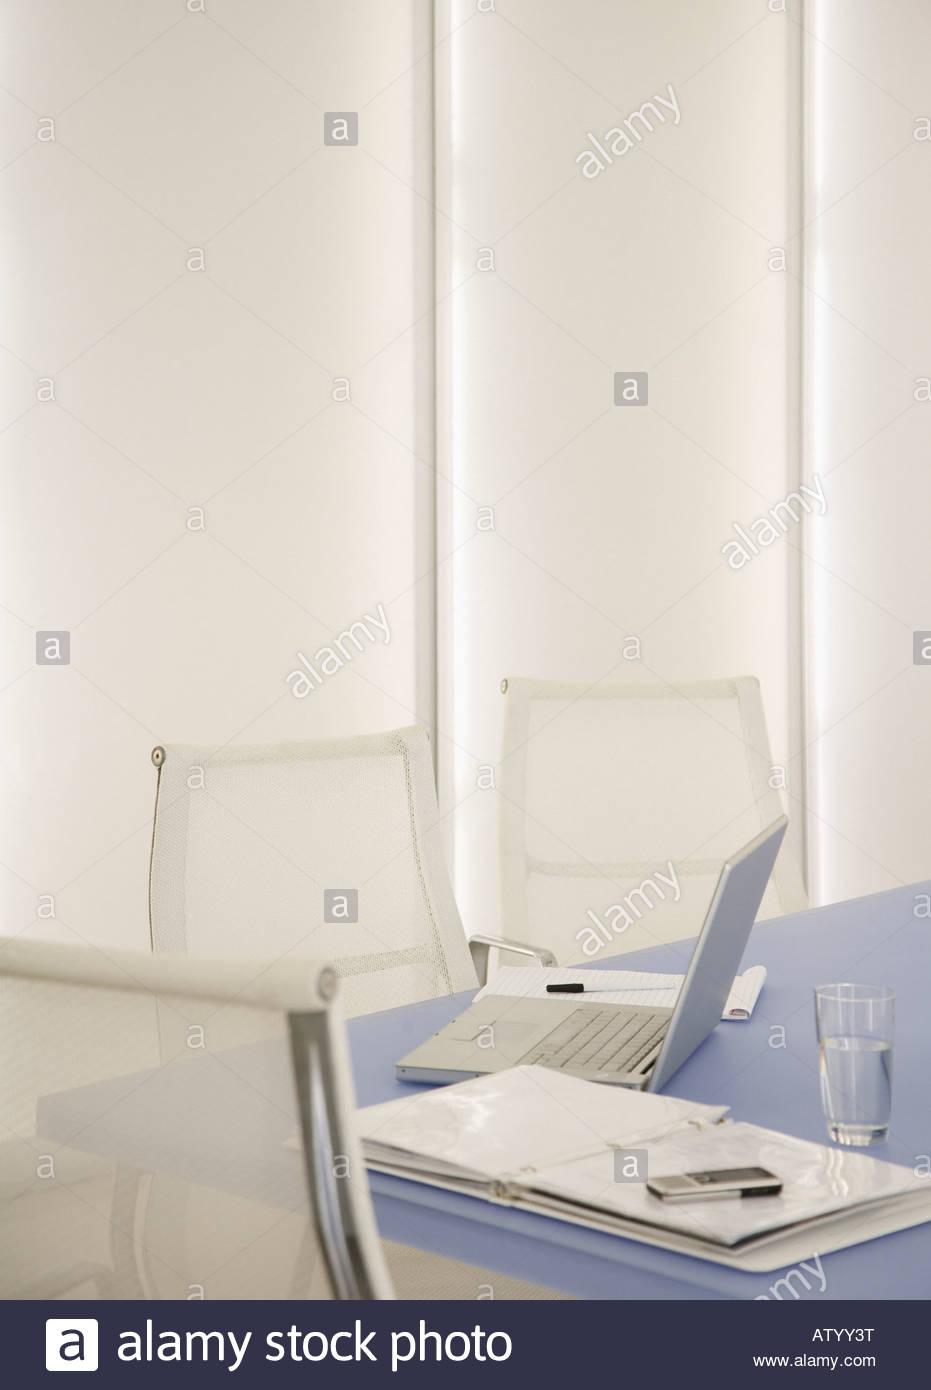 Sala vuota con il laptop e la documentazione sul tavolo Immagini Stock